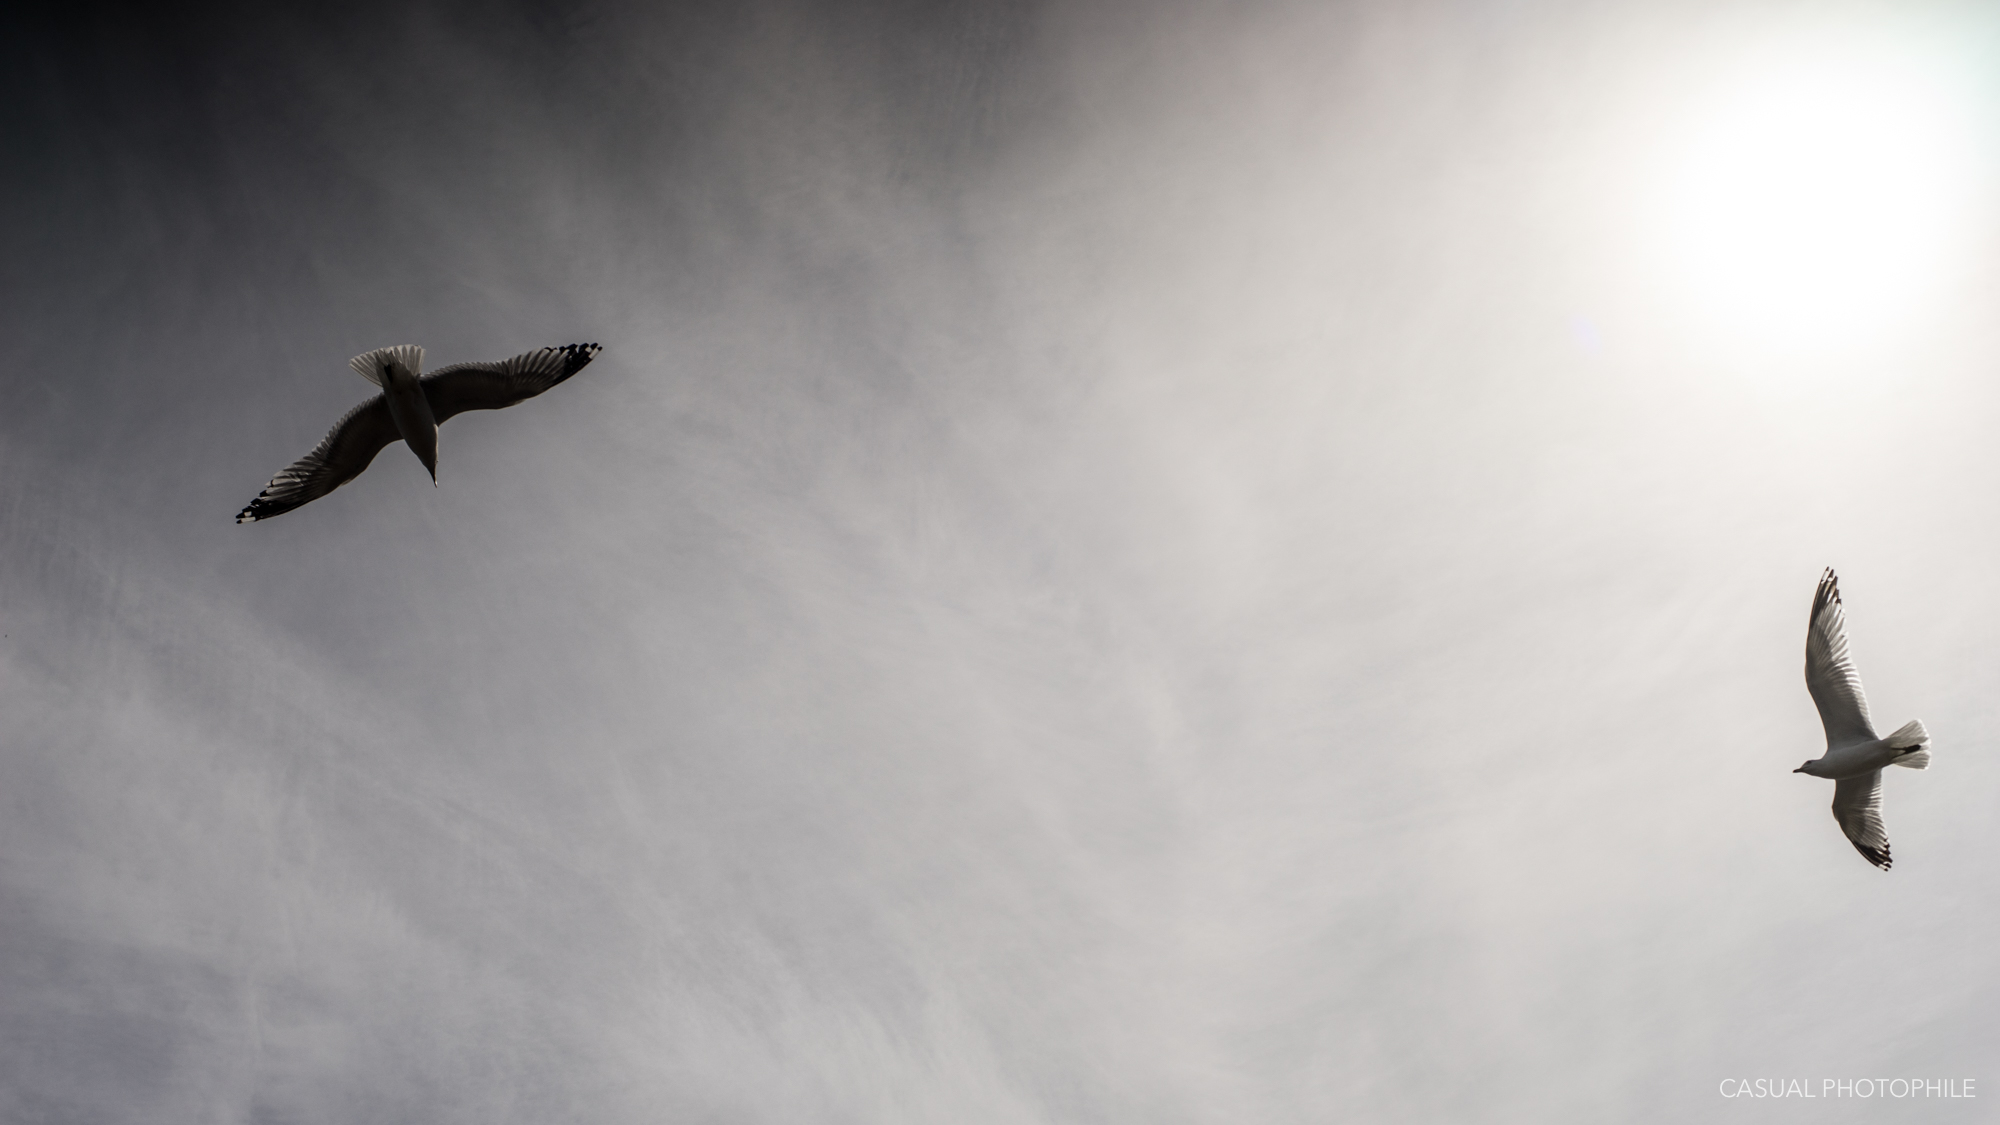 Zeiss Planar 50mm 1.4 c-y mount review-13.jpg